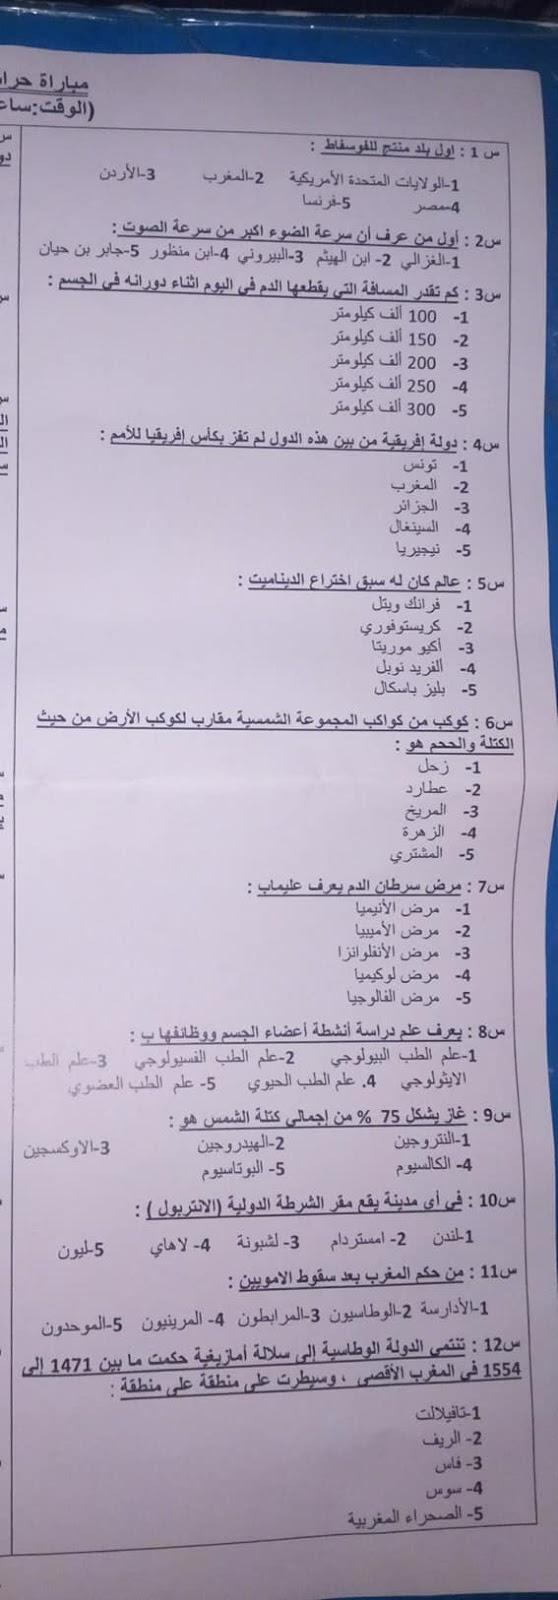 امتحان حراس الأمن بتاريخ 15-12-2019